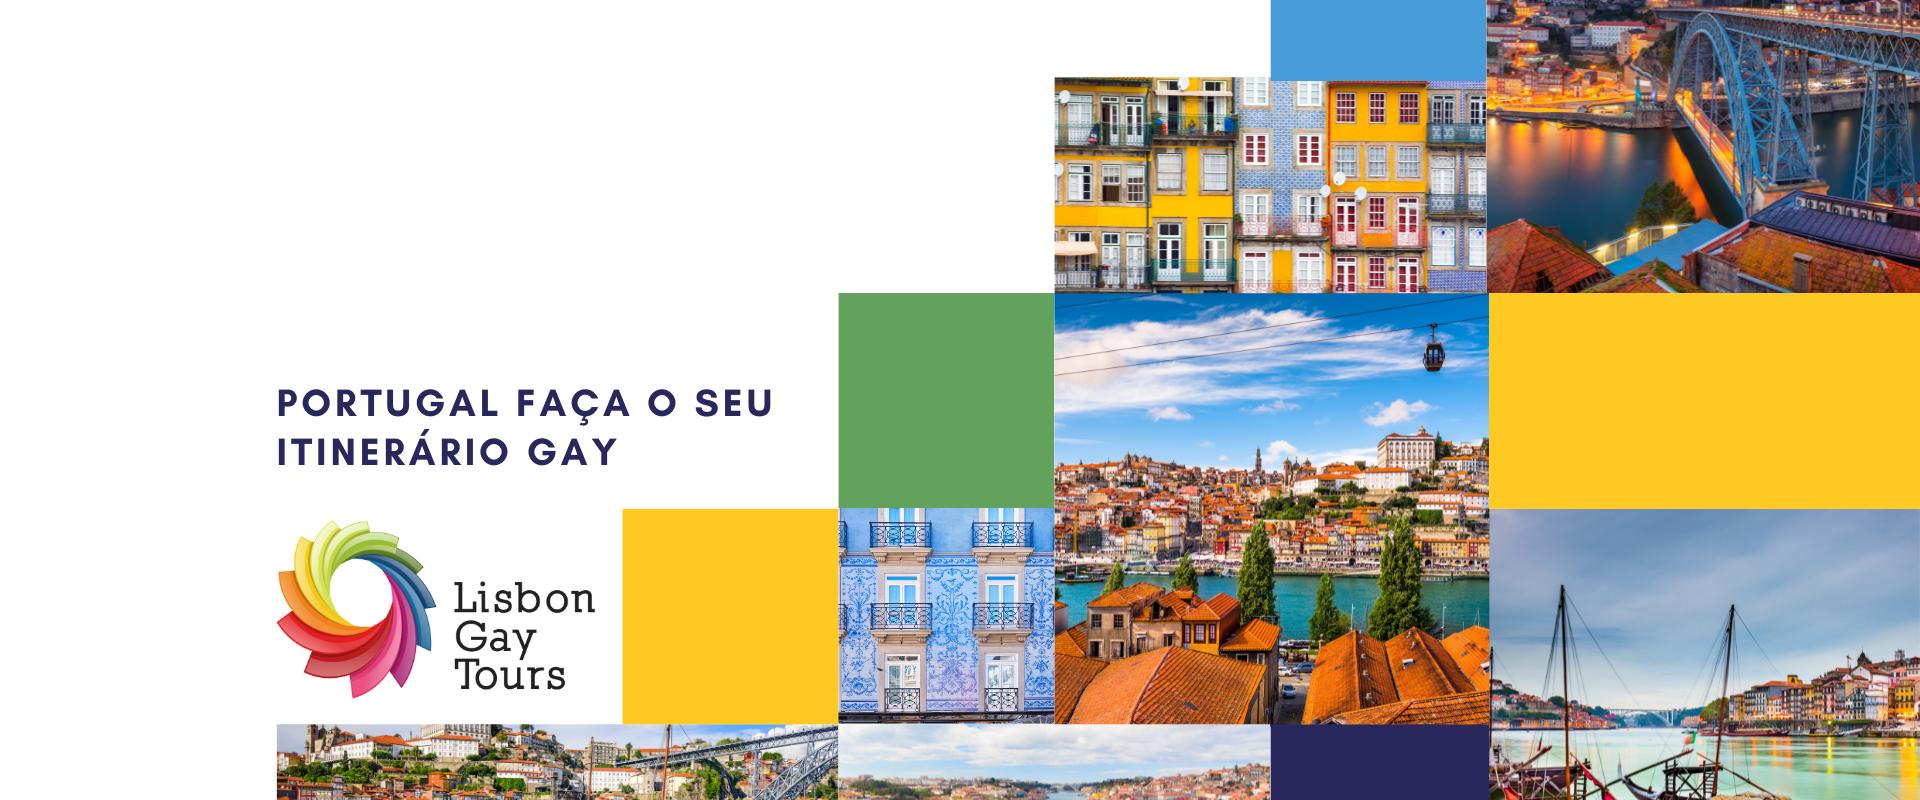 Portugal Faça o Seu Itinerário